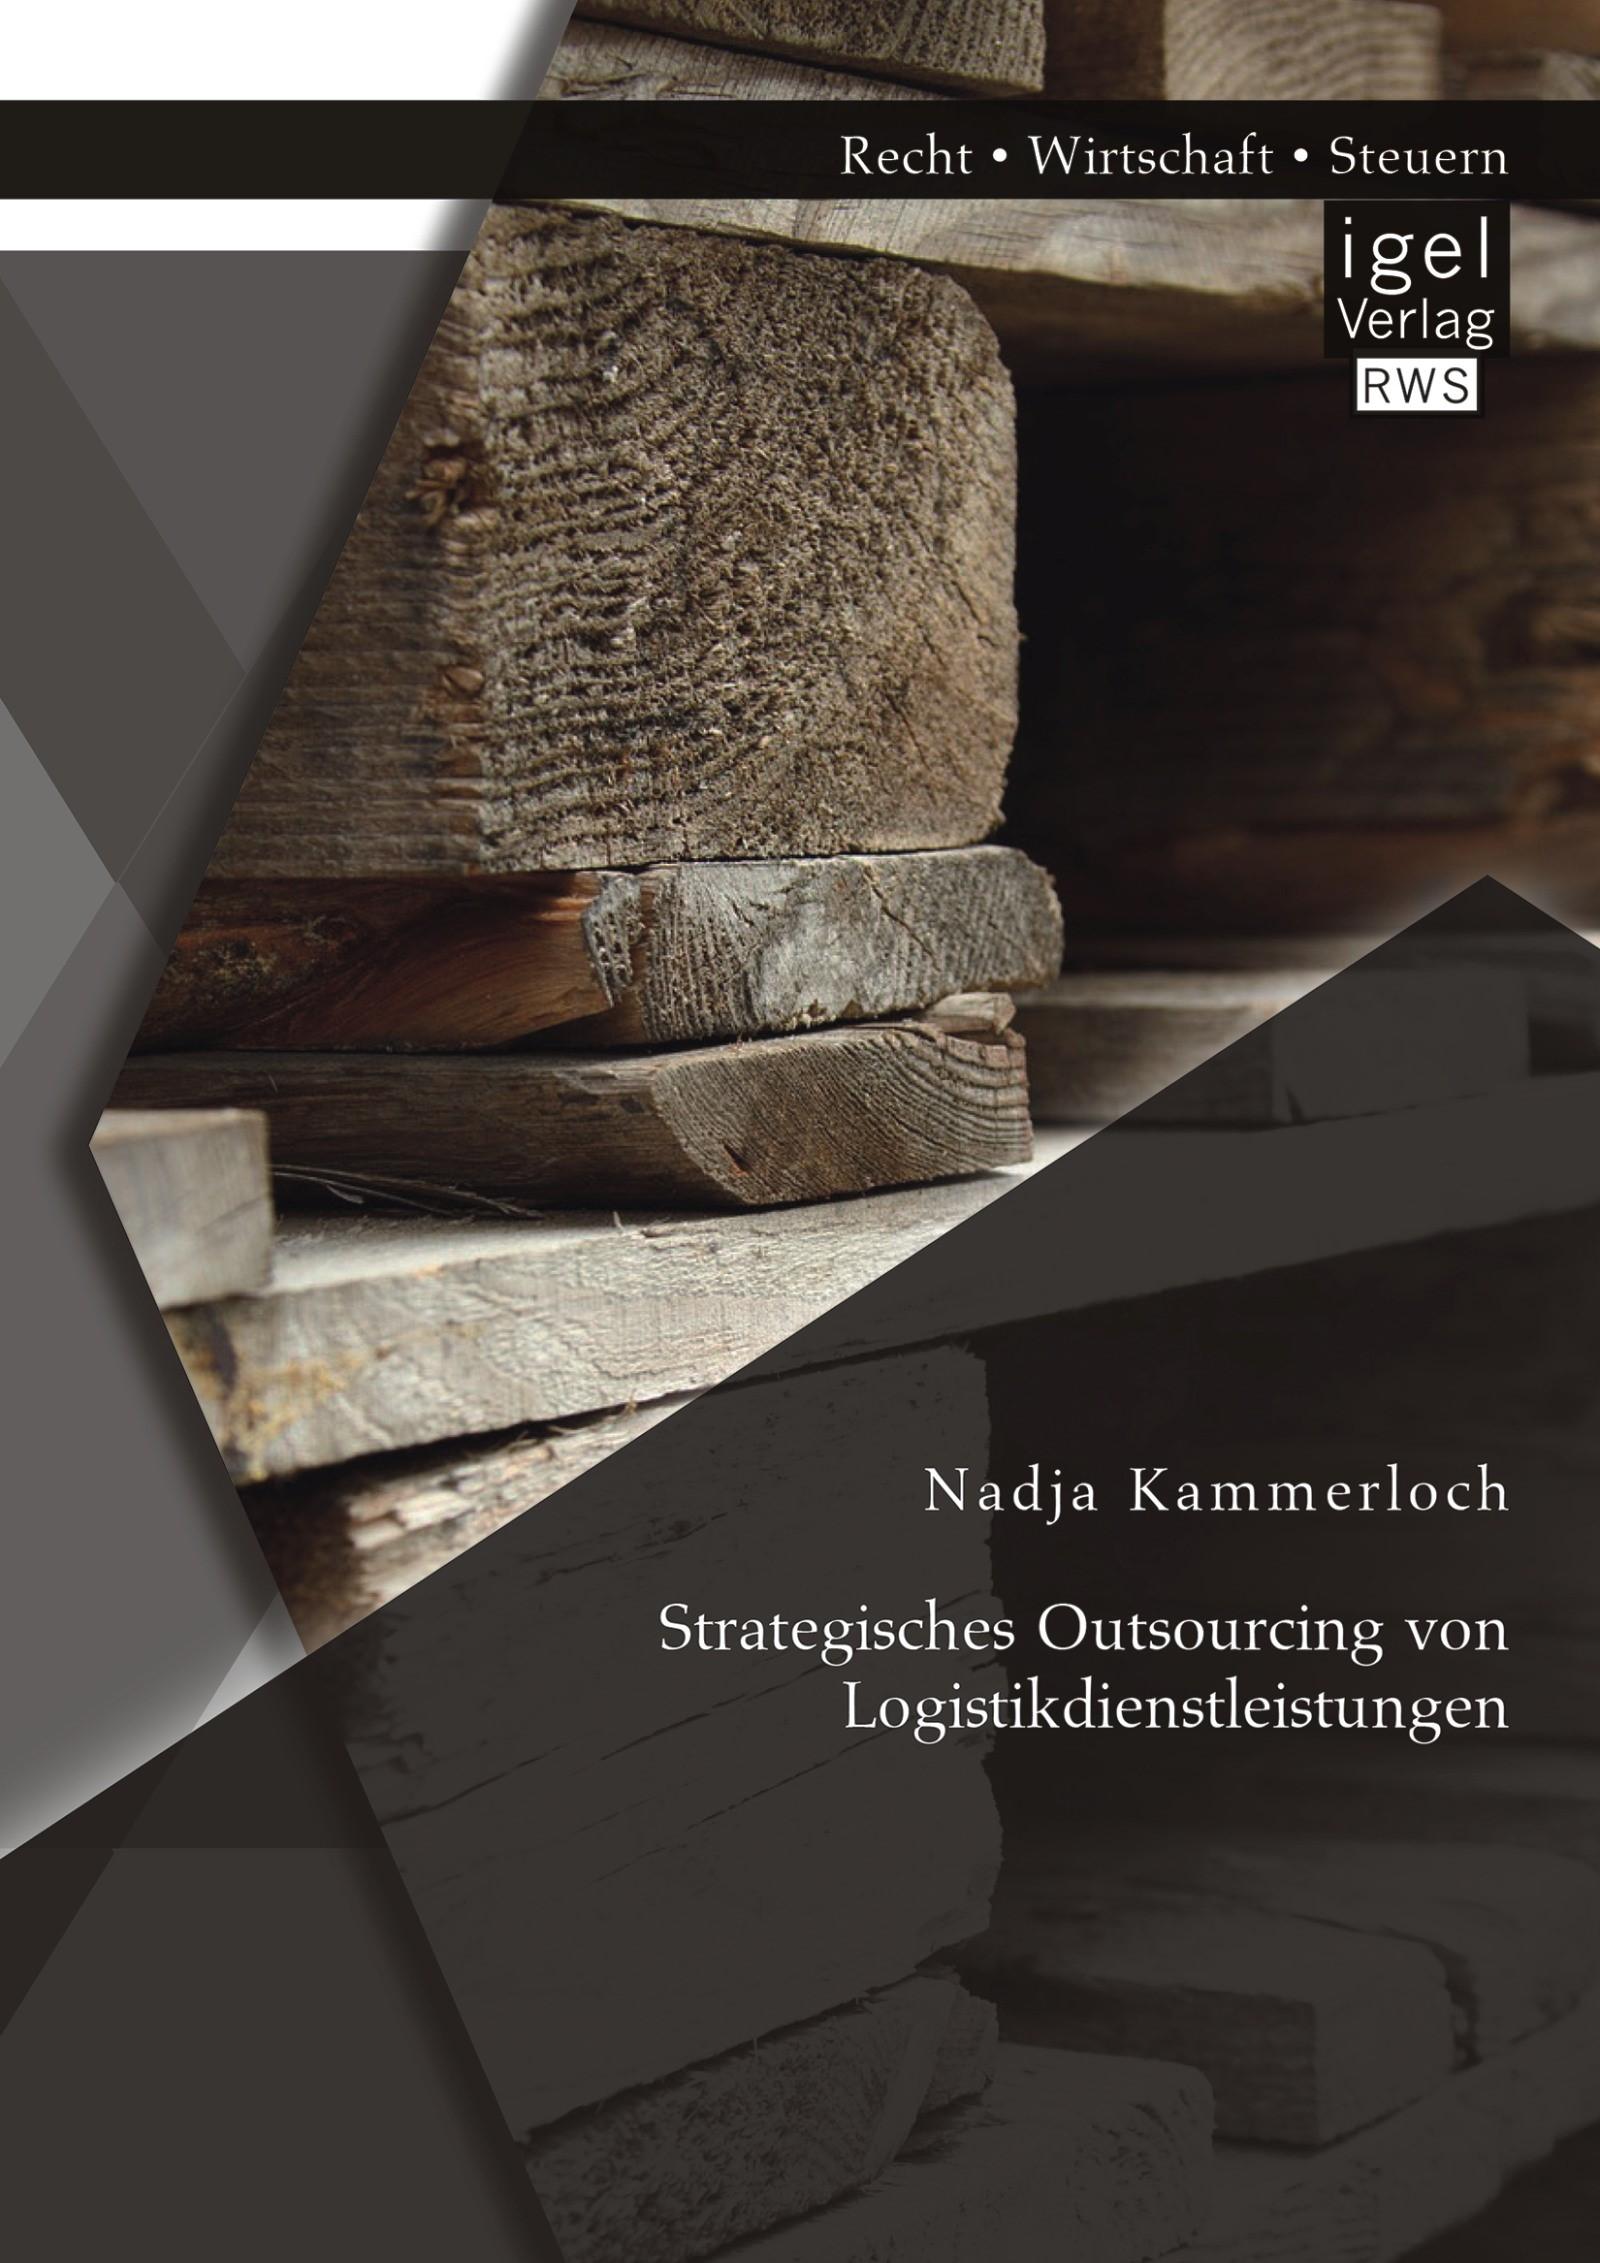 Strategisches Outsourcing von Logistikdienstleistungen | Kammerloch | Erstauflage, 2014 | Buch (Cover)